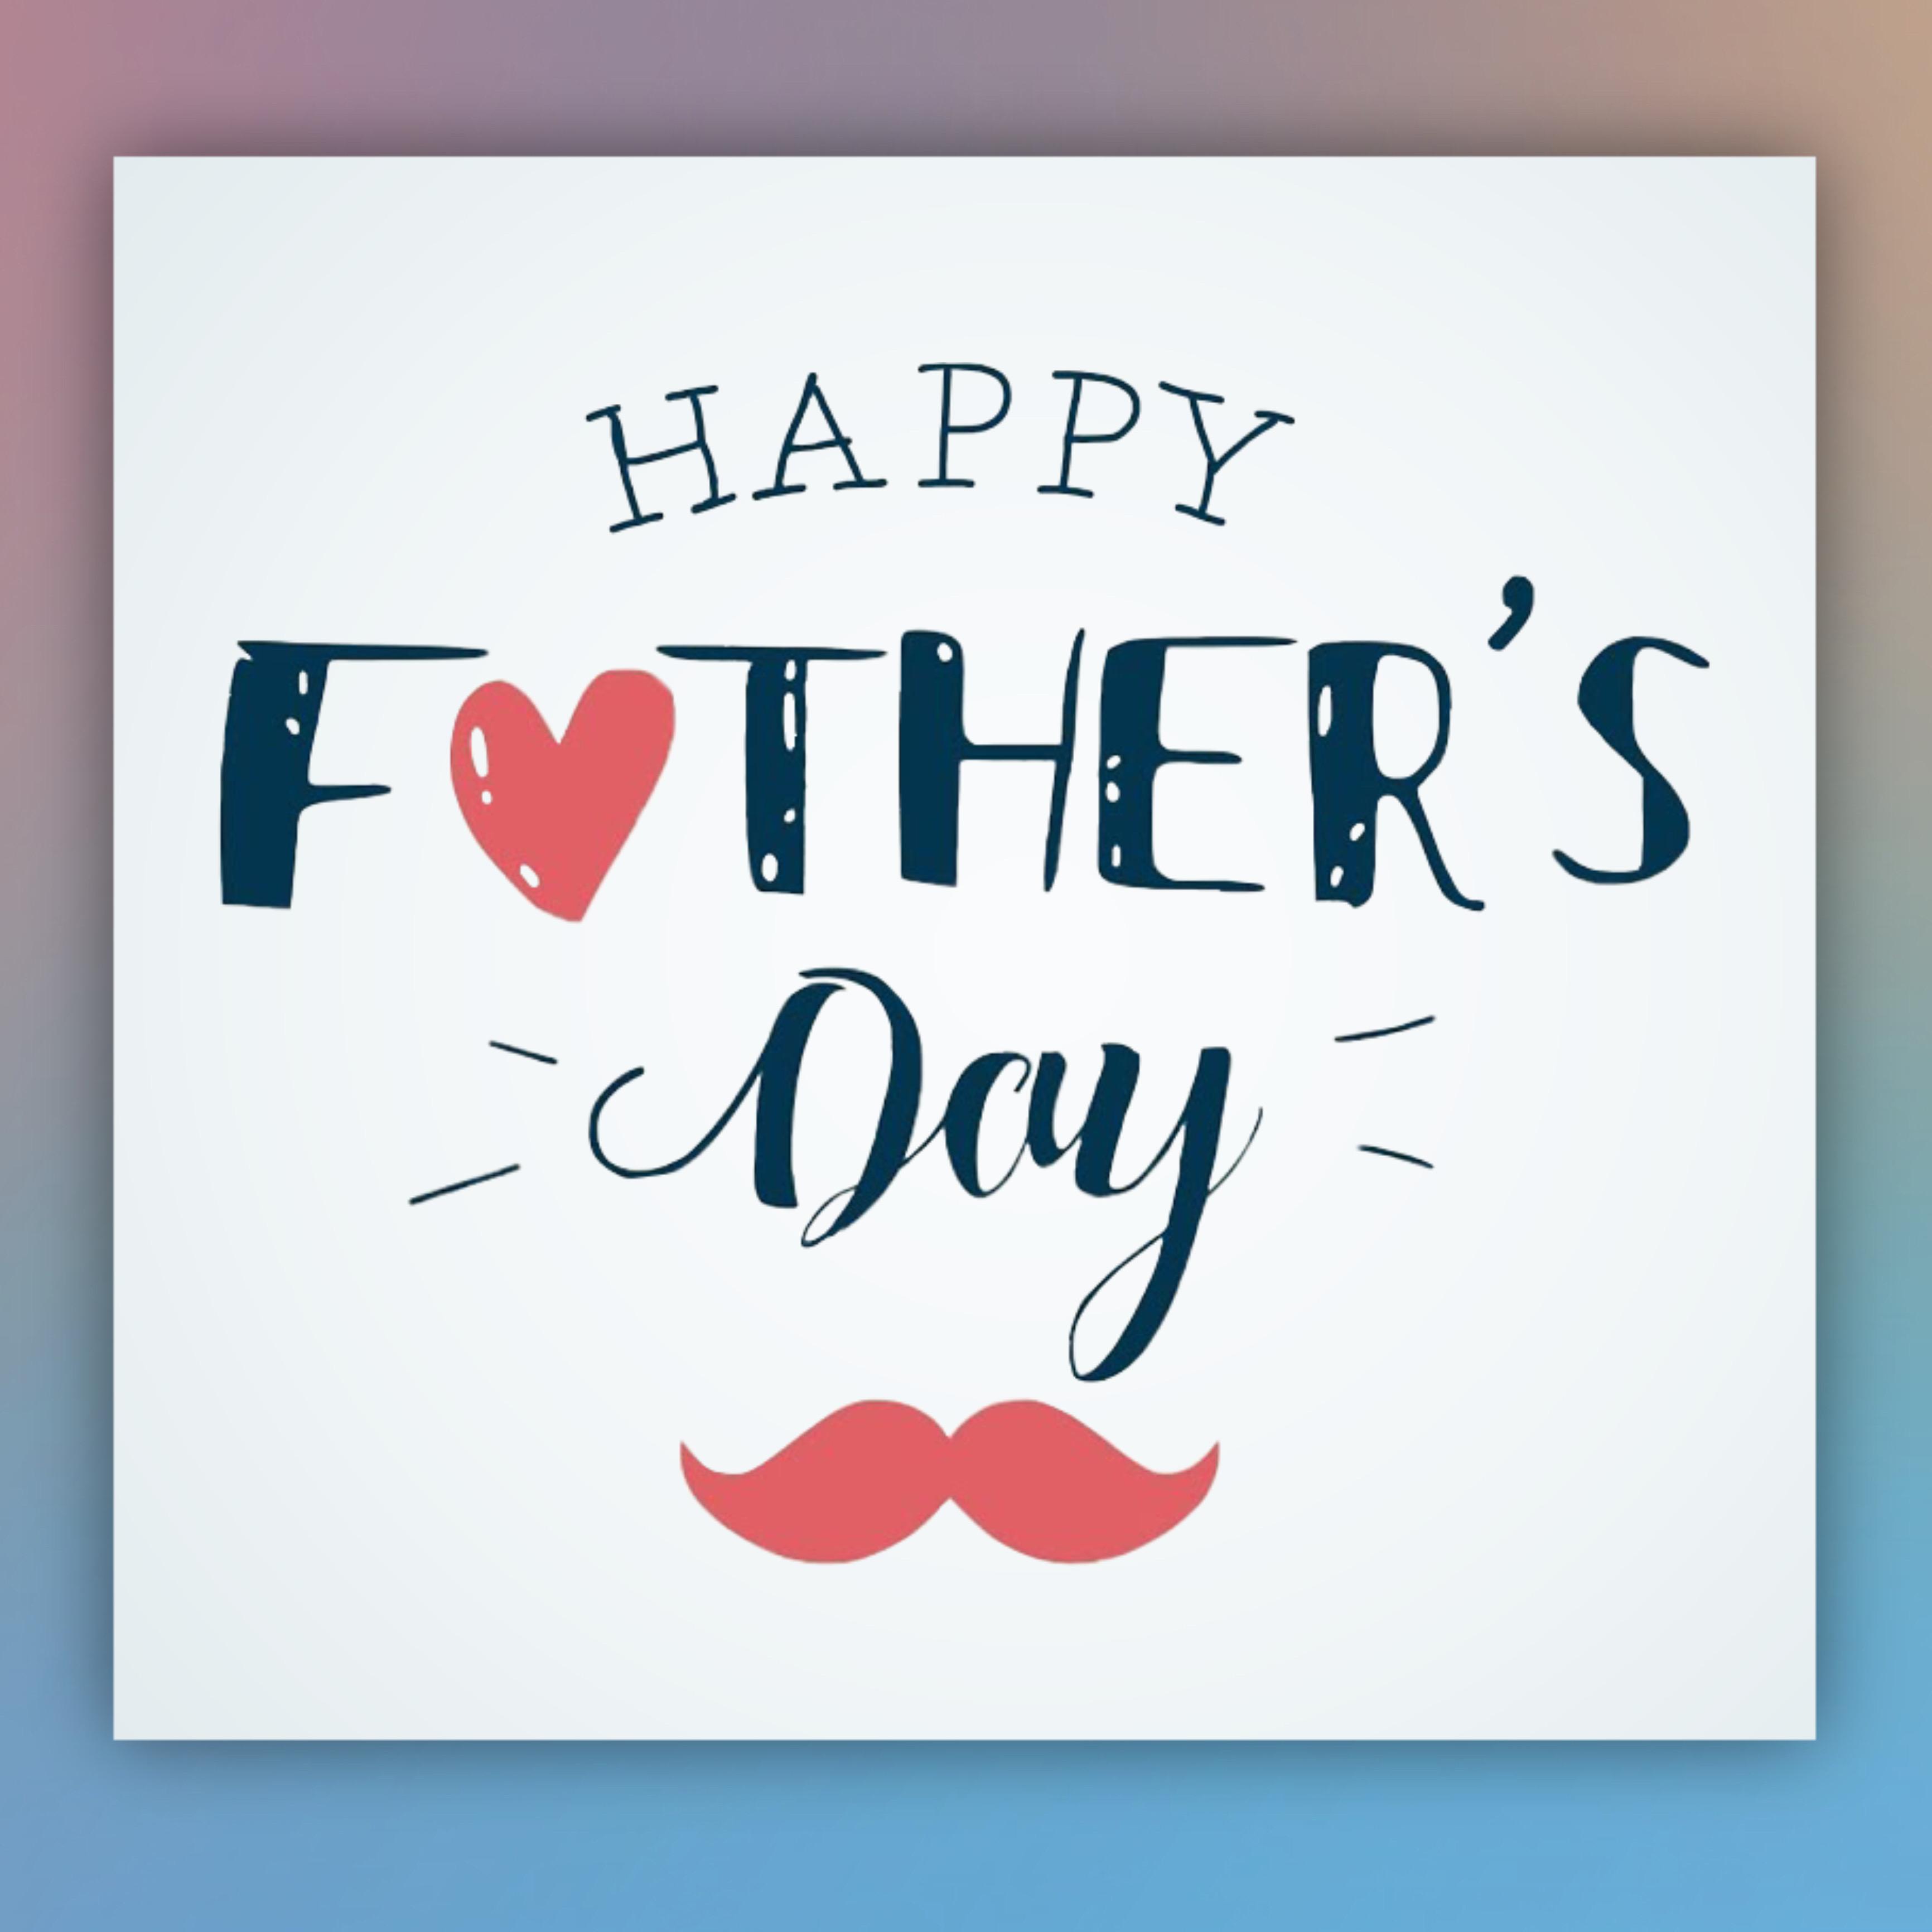 #freetoedit #fathersday #fathersday2020 #happyfathersday #happyfathersday2020 #dadsday